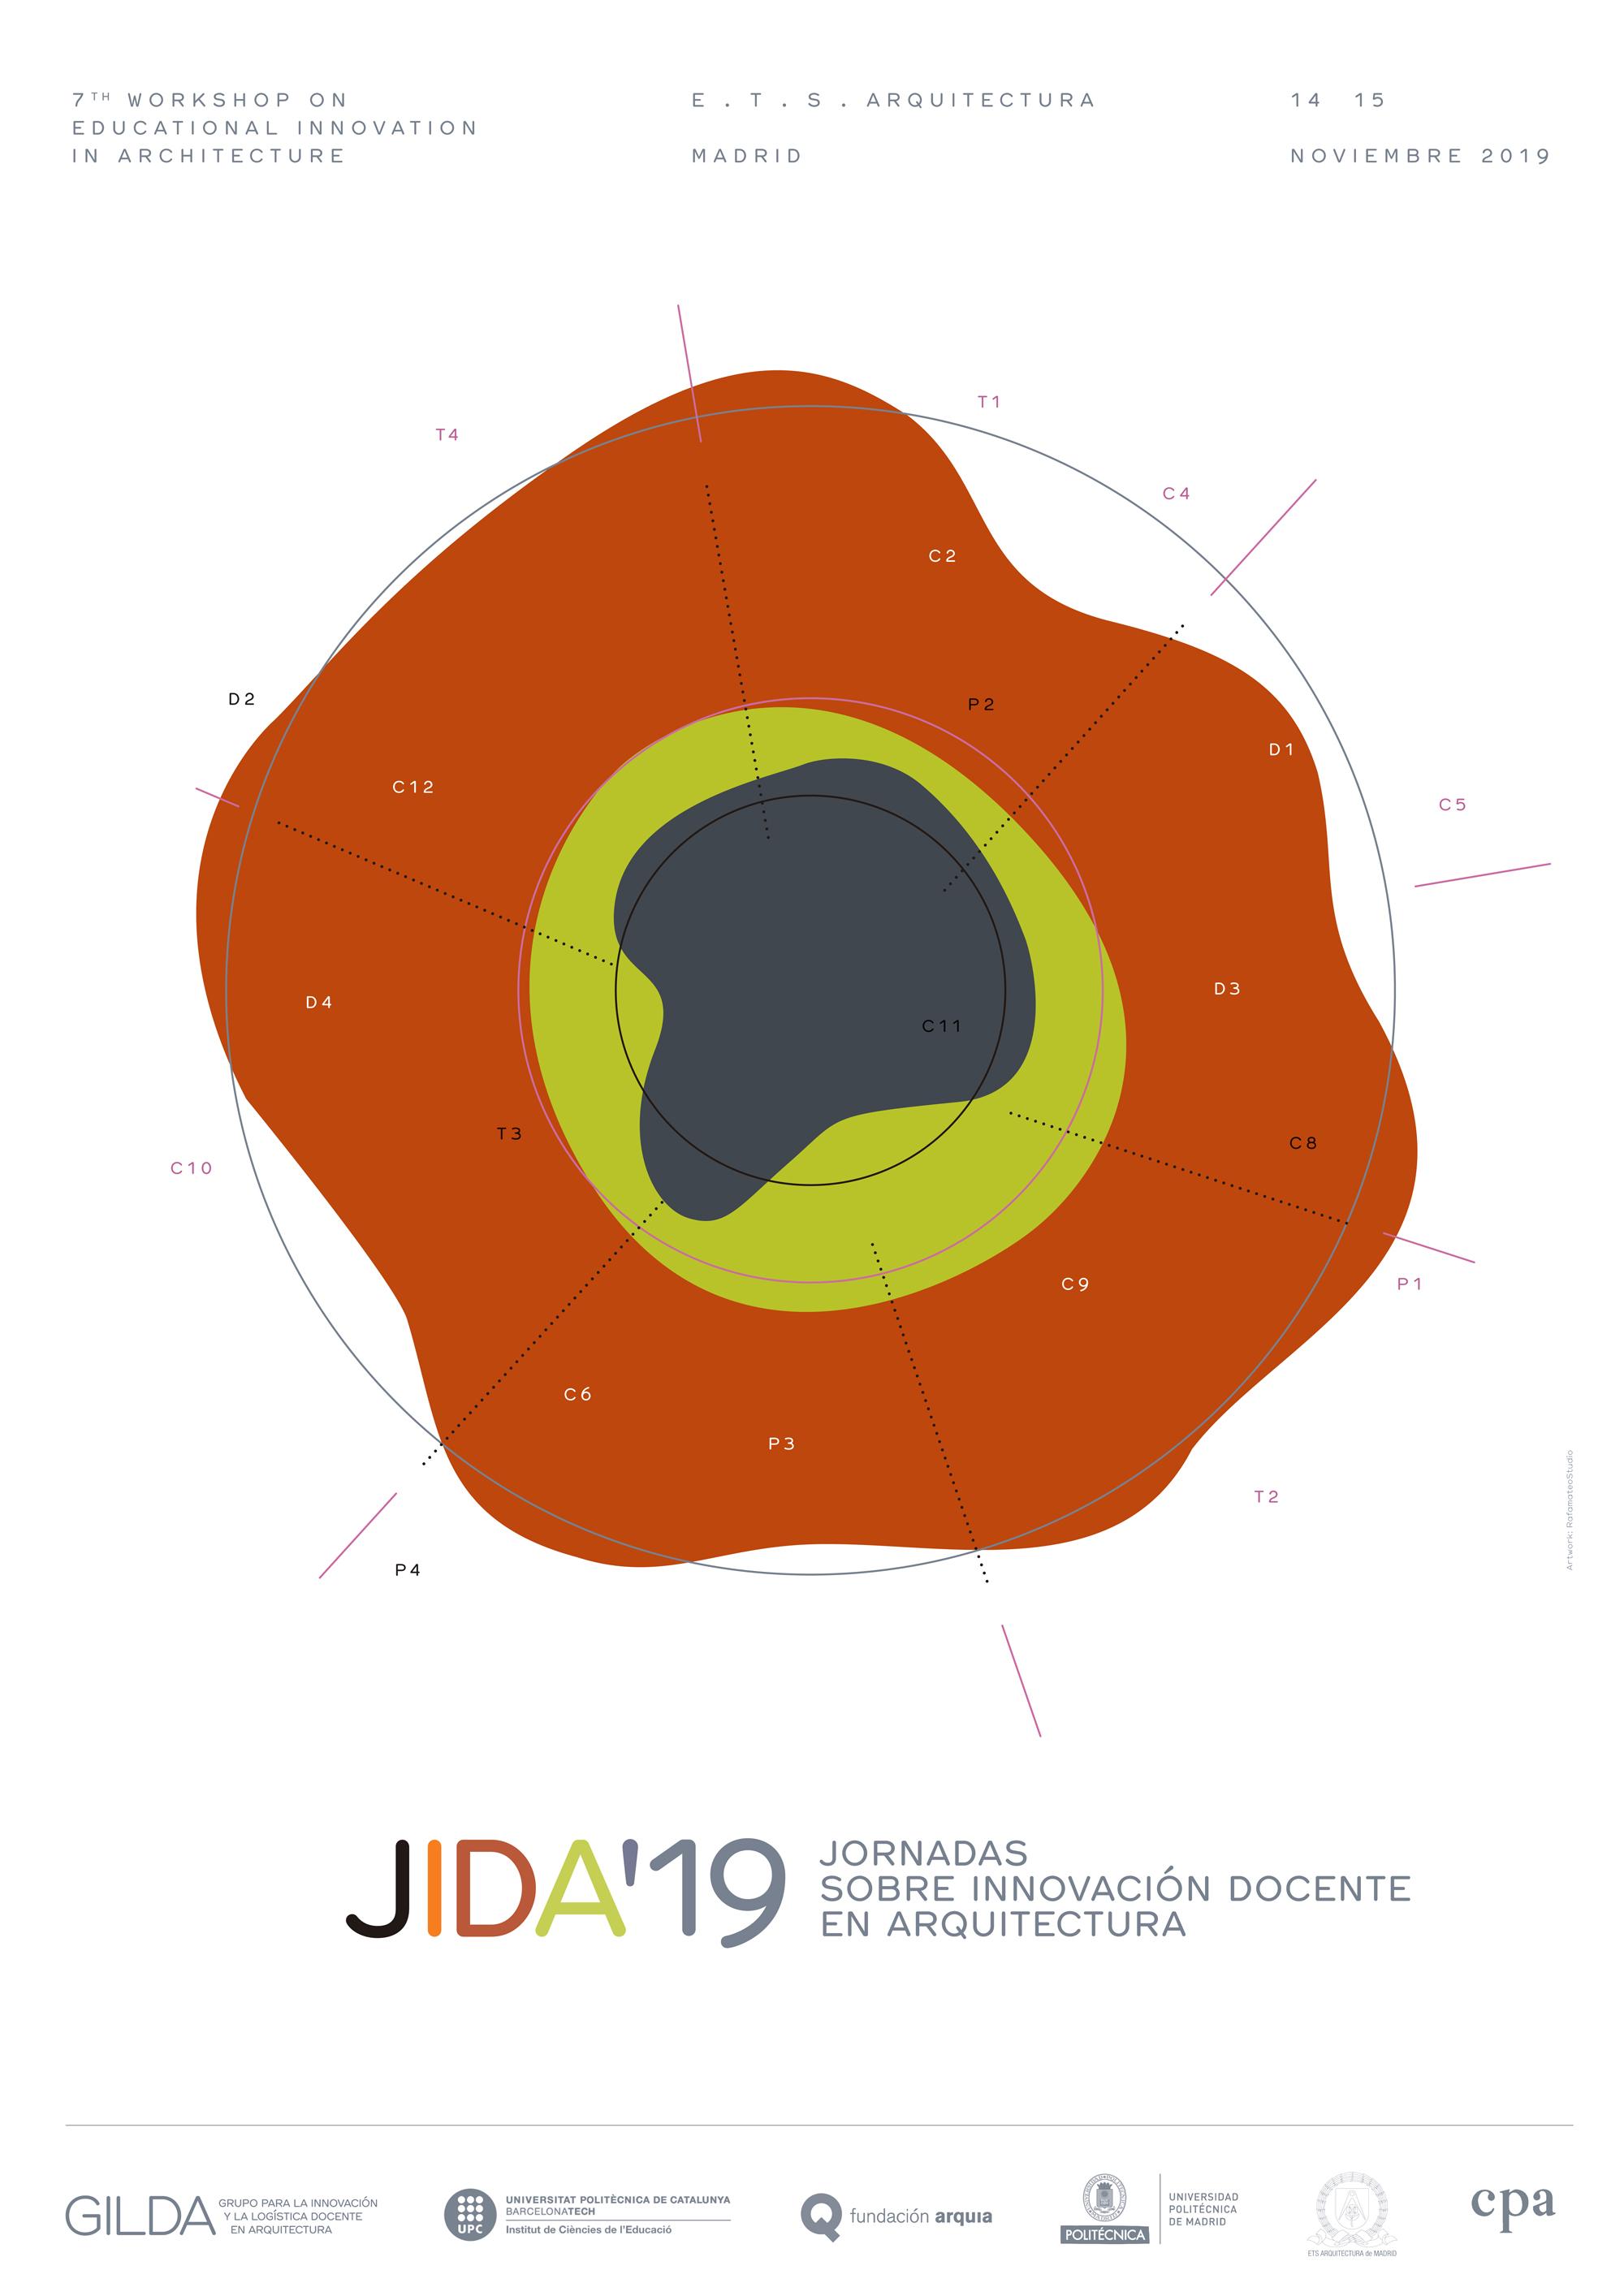 jida19